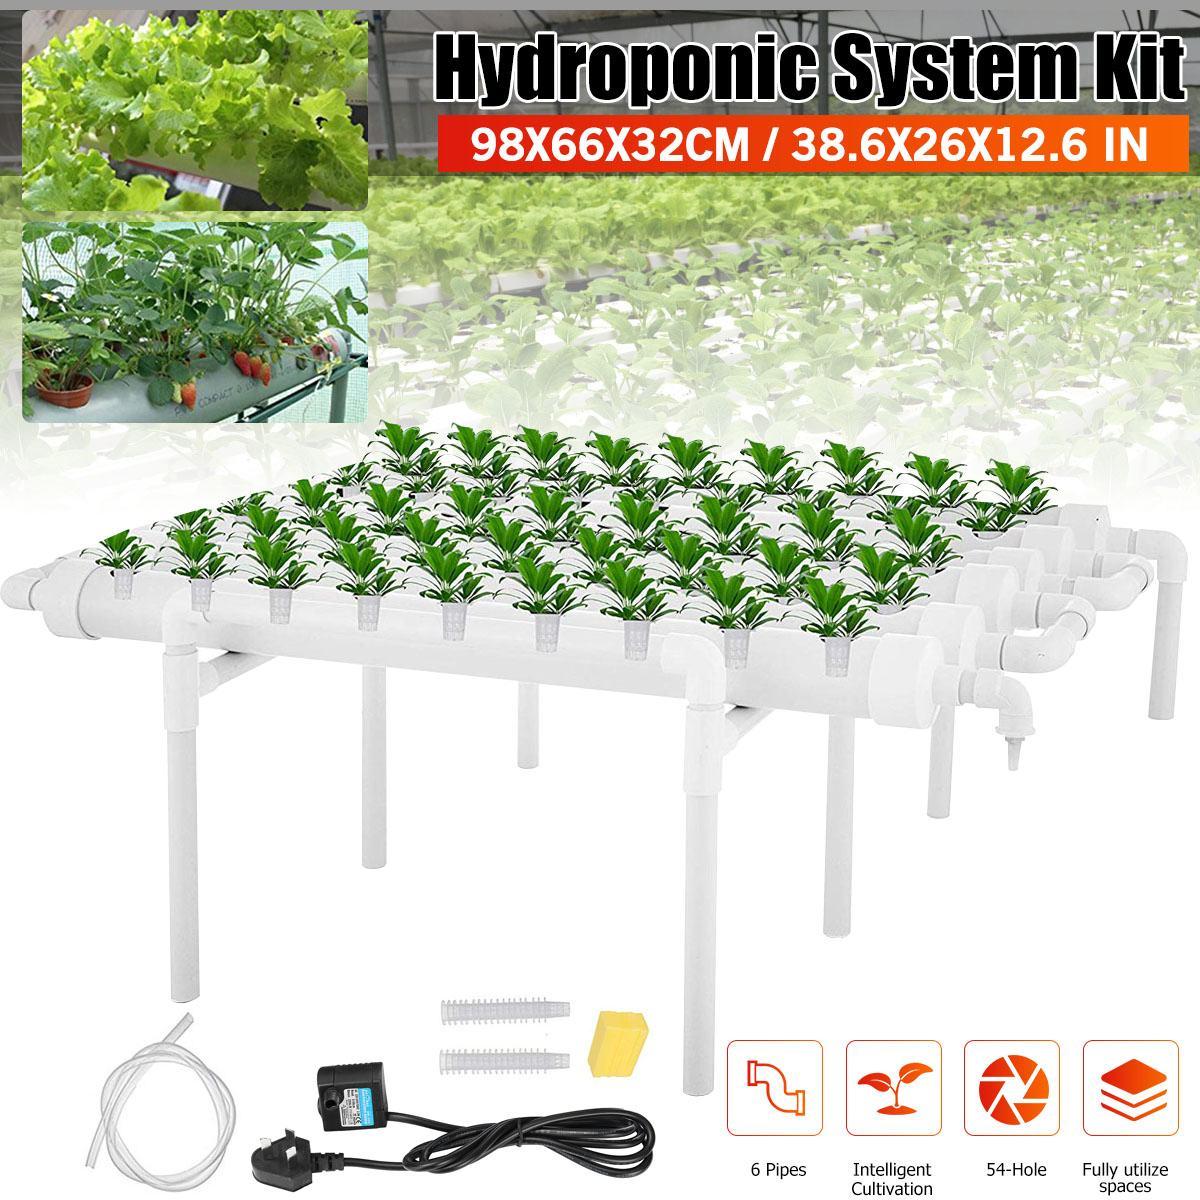 54 مواقع النباتات 6 أنابيب الحضانة الأواني نظام الزراعة المائية Soilless زراعة زارع تنمو عدة حديقة النباتات نظام الخضروات أداة